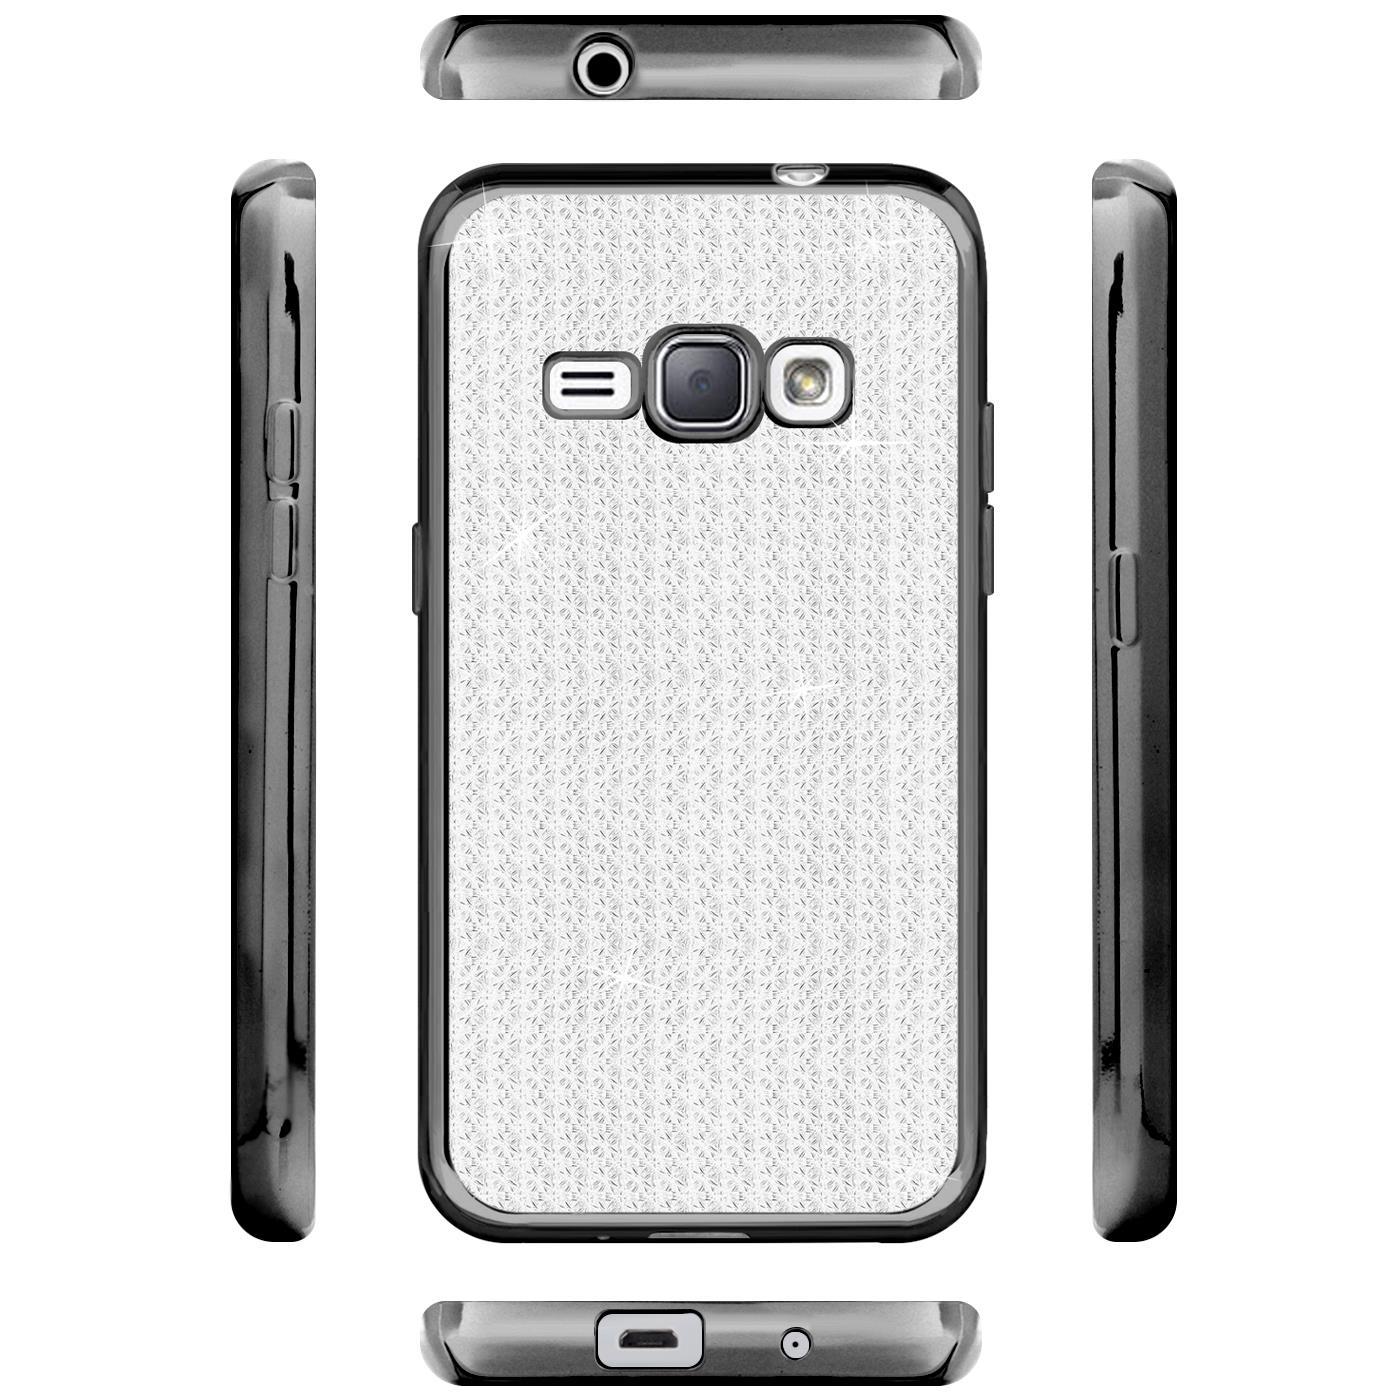 Handy-Etui-Samsung-Galaxy-J1-2016-Huelle-Glitzer-Silikon-Case-Schutz-Cover-Tasche Indexbild 5